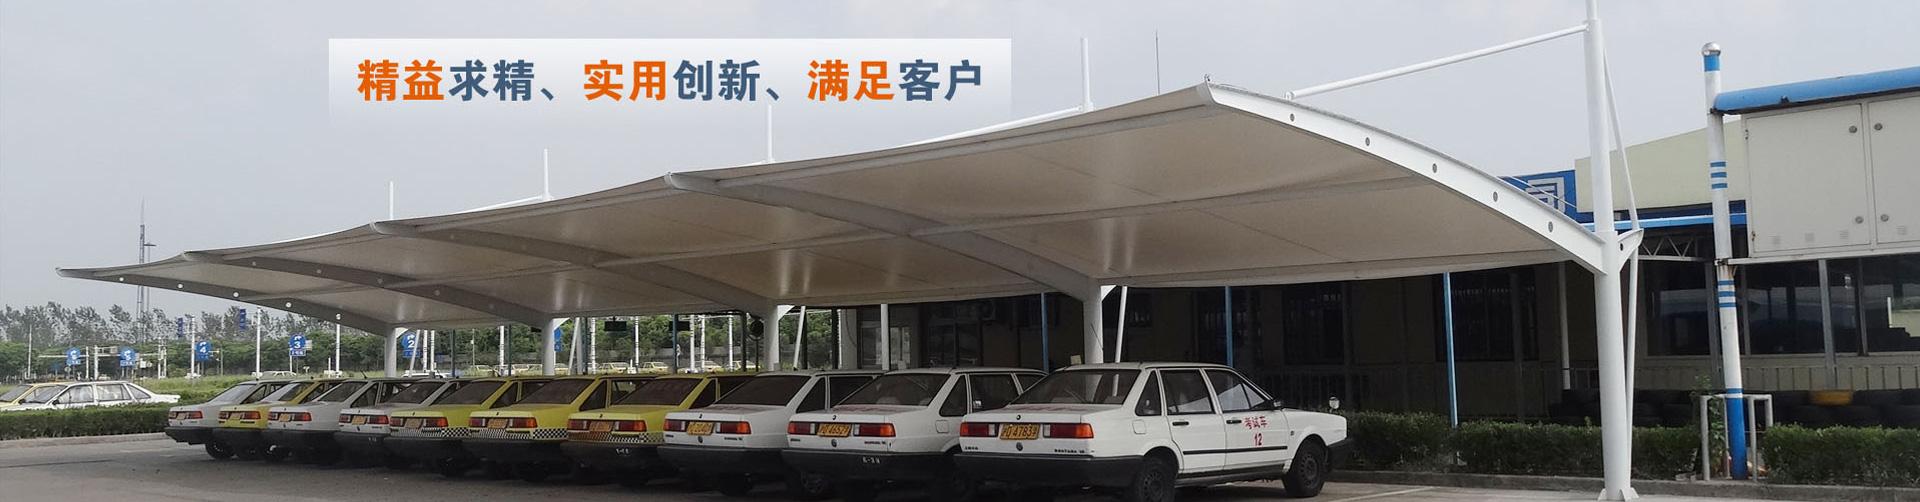 字膜结构车棚